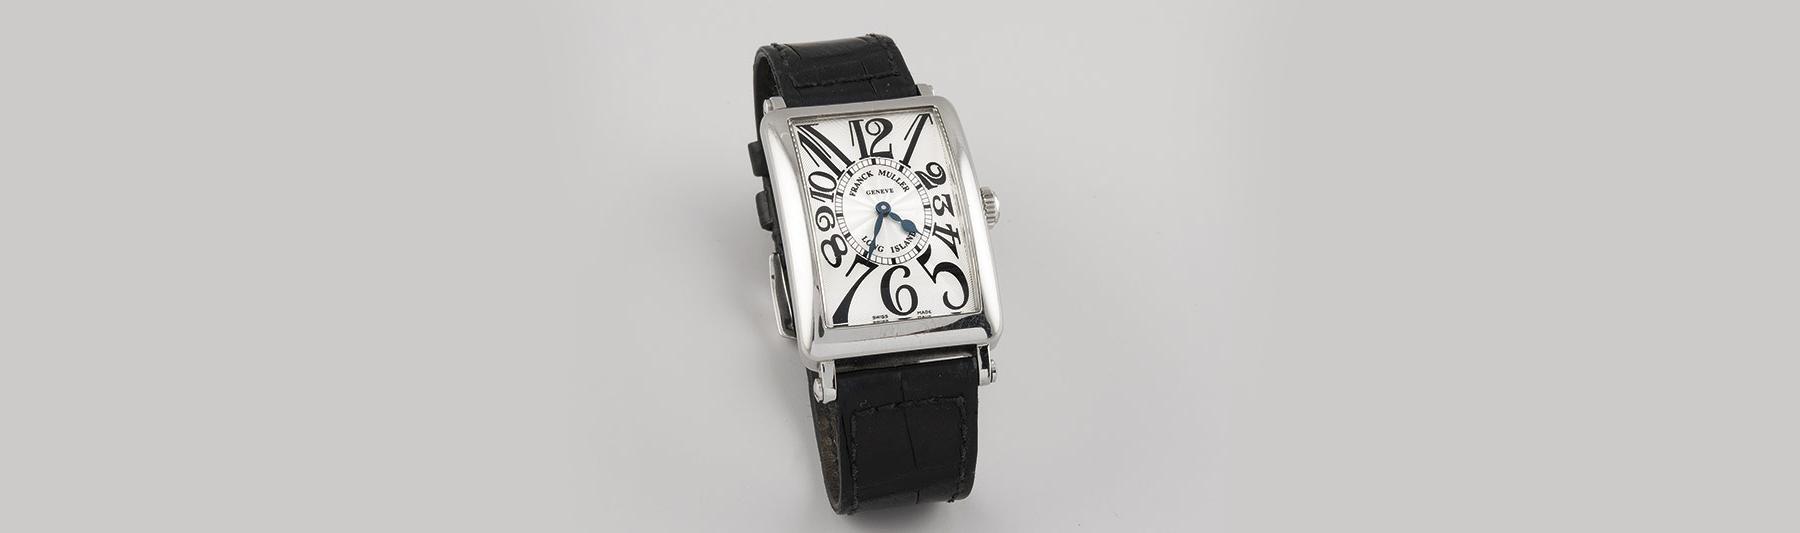 123-Reloj-FRANCK-MULLER-modelo-Long-Island,-realizado-en-acero.-Movimiento-de-cuarzo-con-funciones-horarias-y-minuteras.-Caja-cuadrada,-esfera-metálica-en-guilloche,-numeración-arábig.01